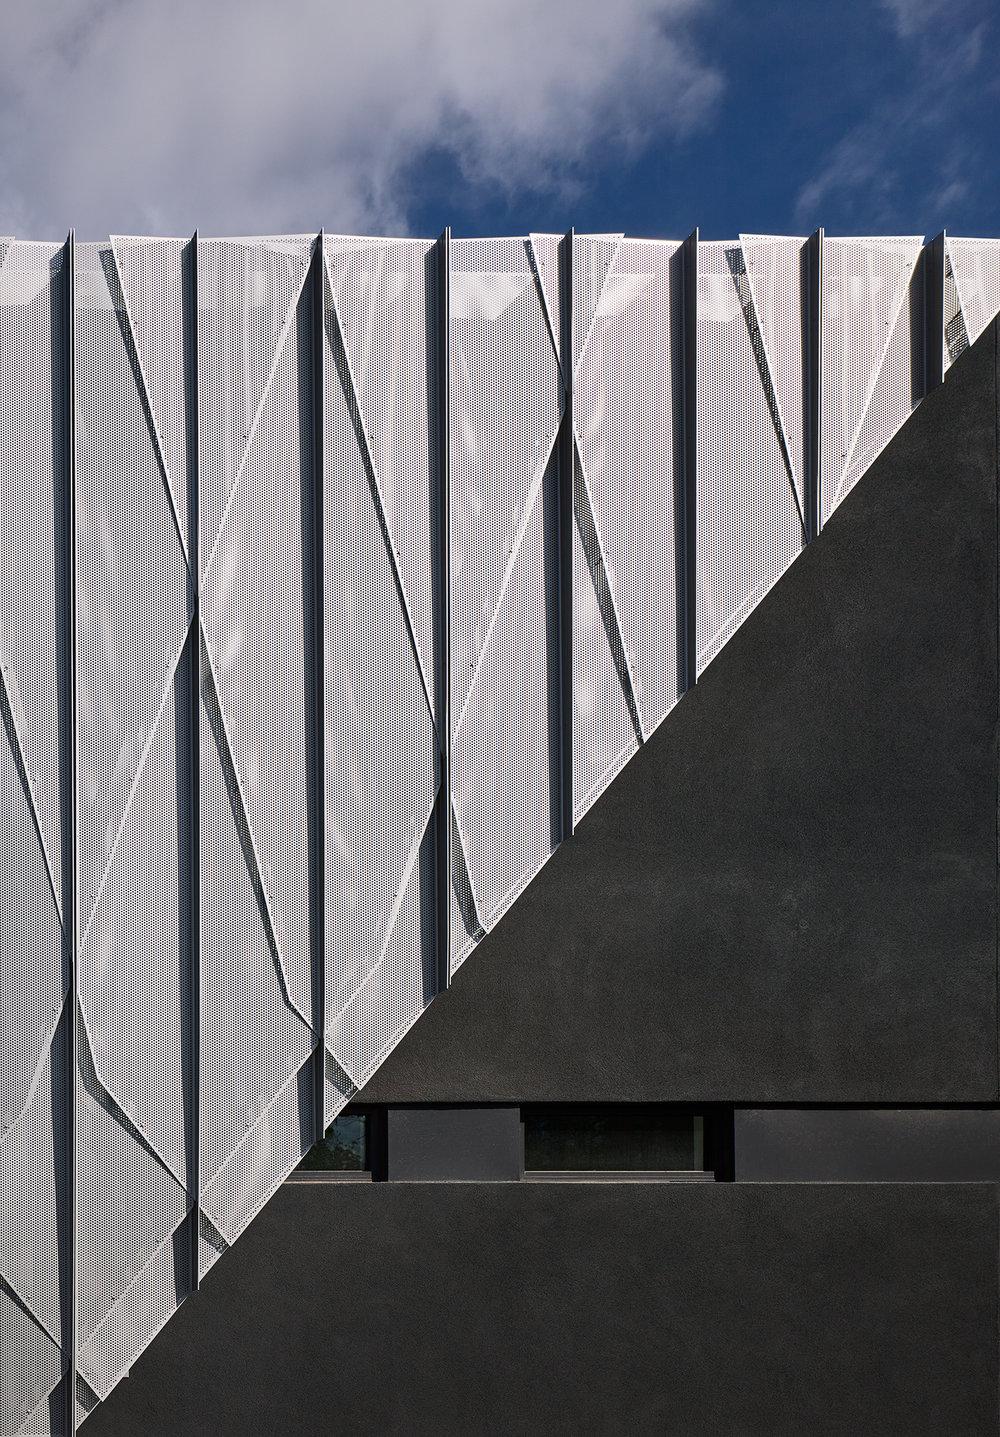 SITE Santa Fe  SHoP Architects  Santa Fe, New Mexico     Nick Merrick